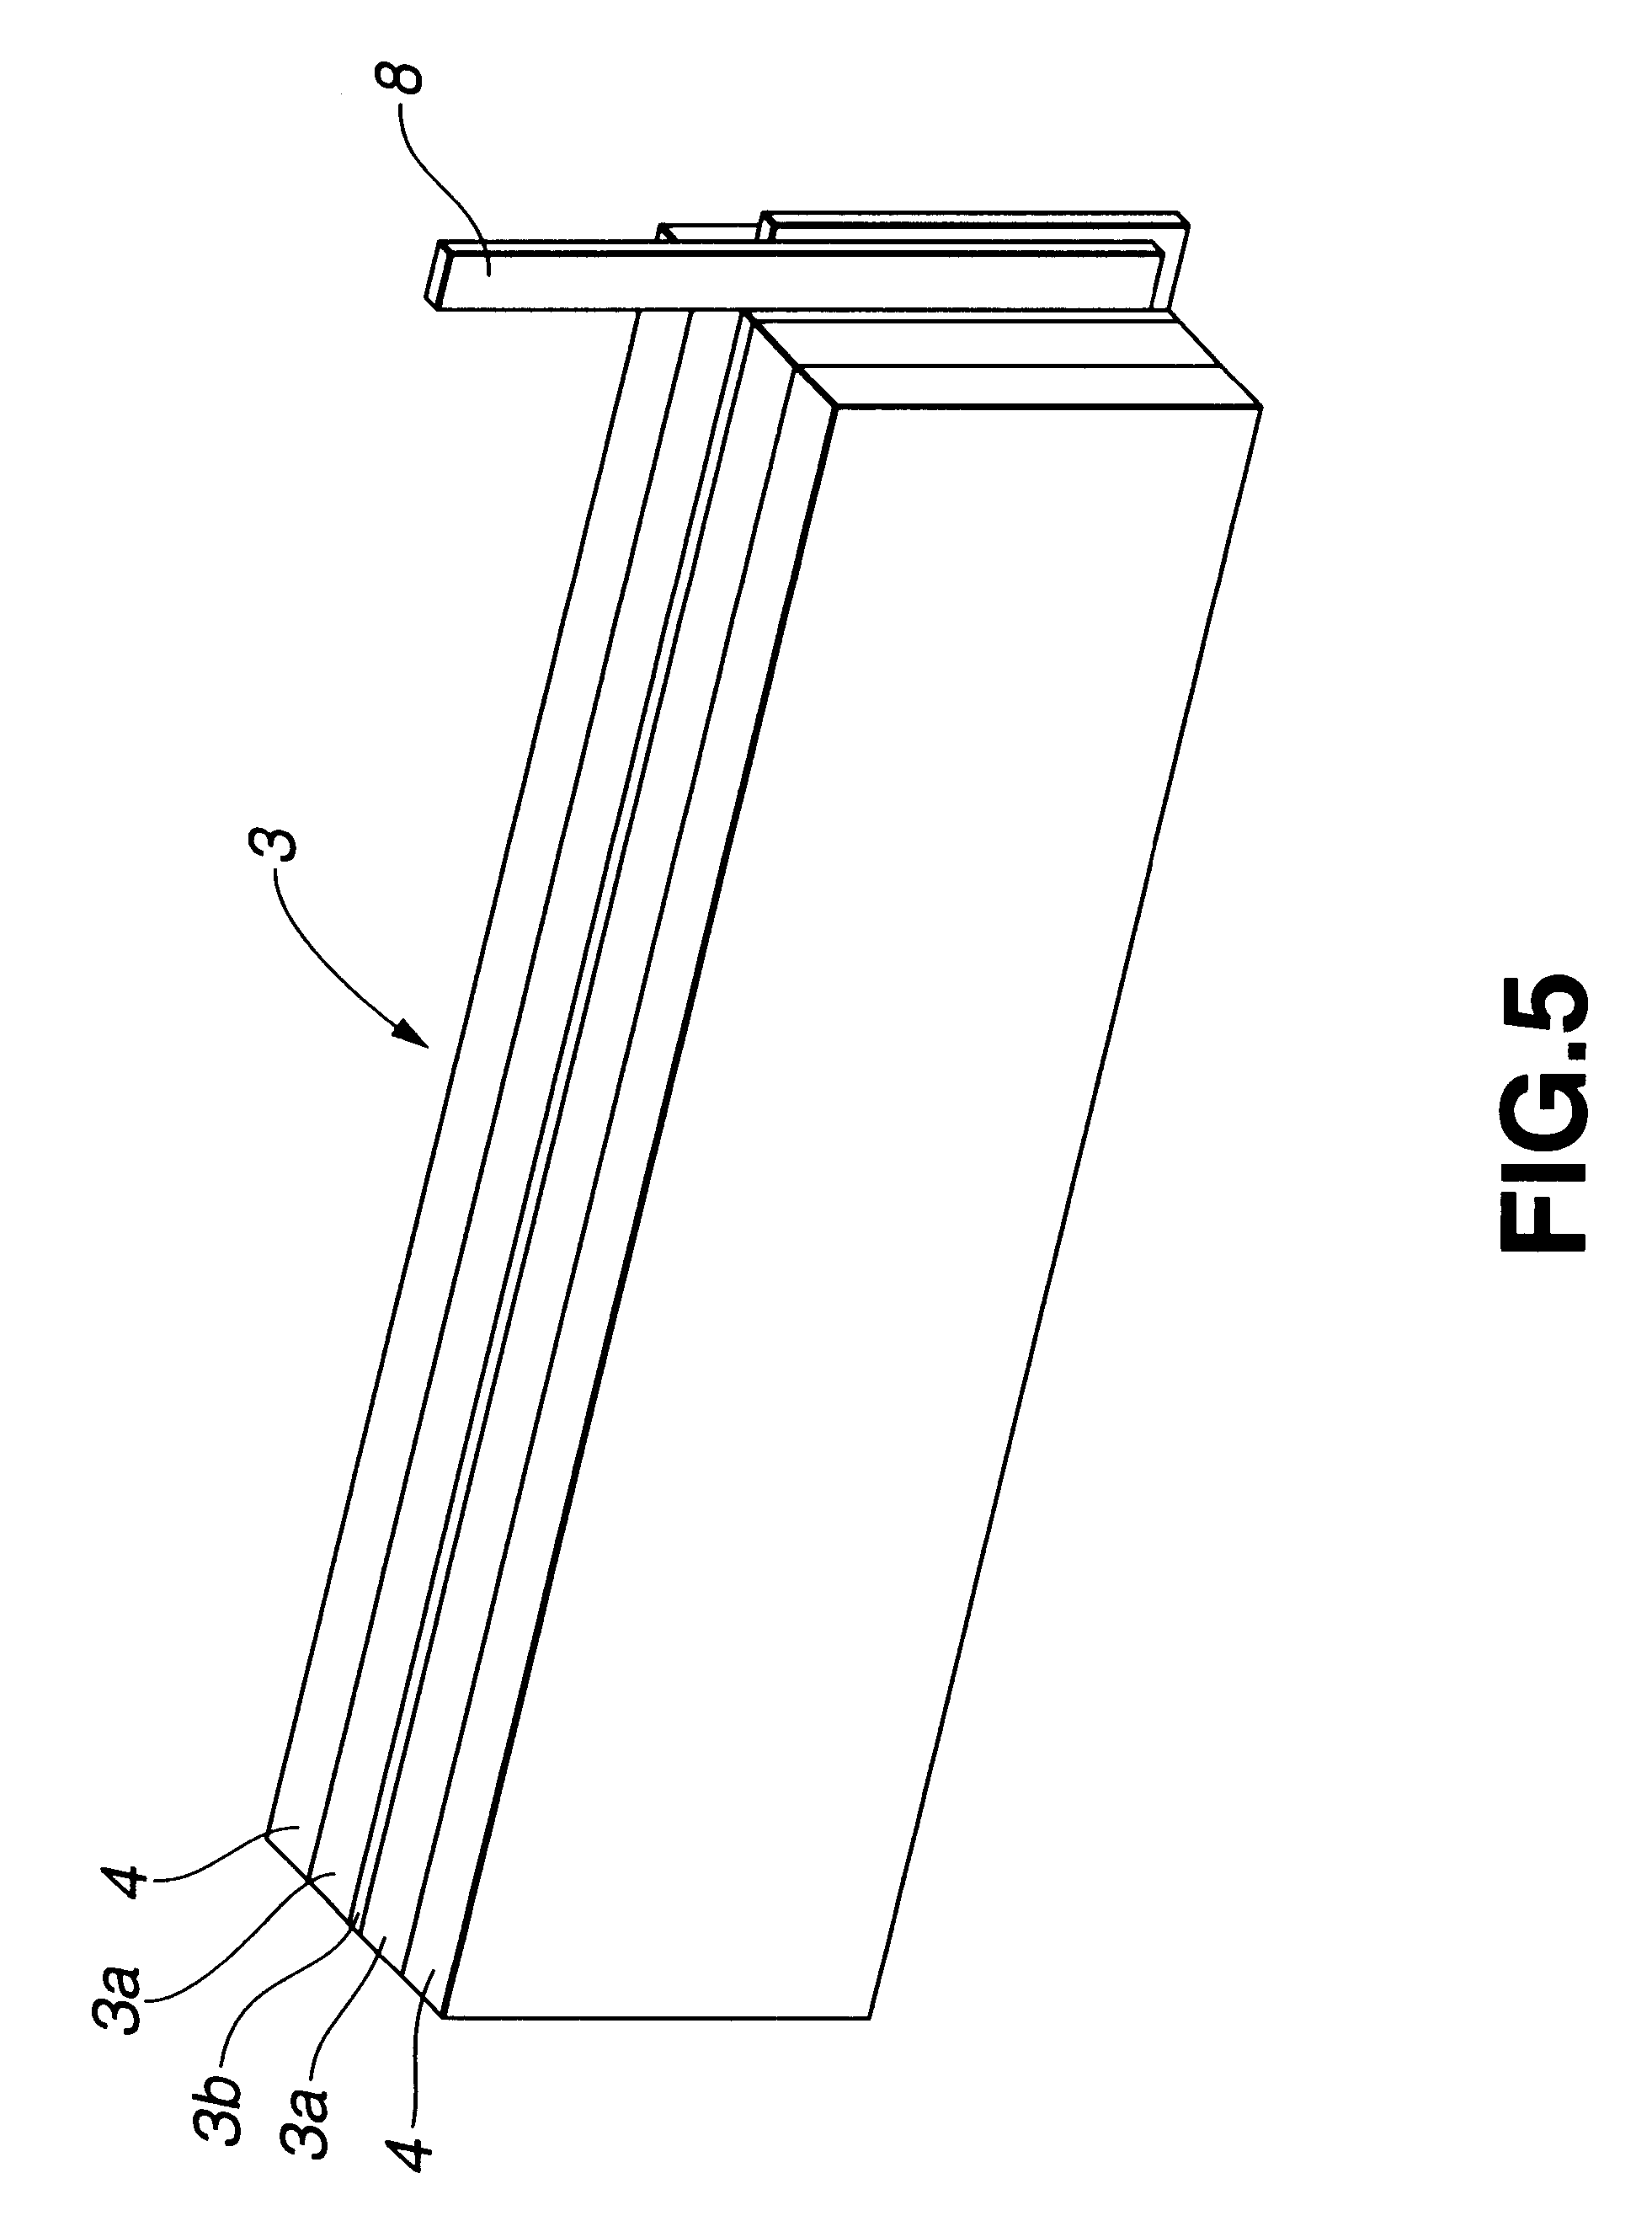 patent us6465134